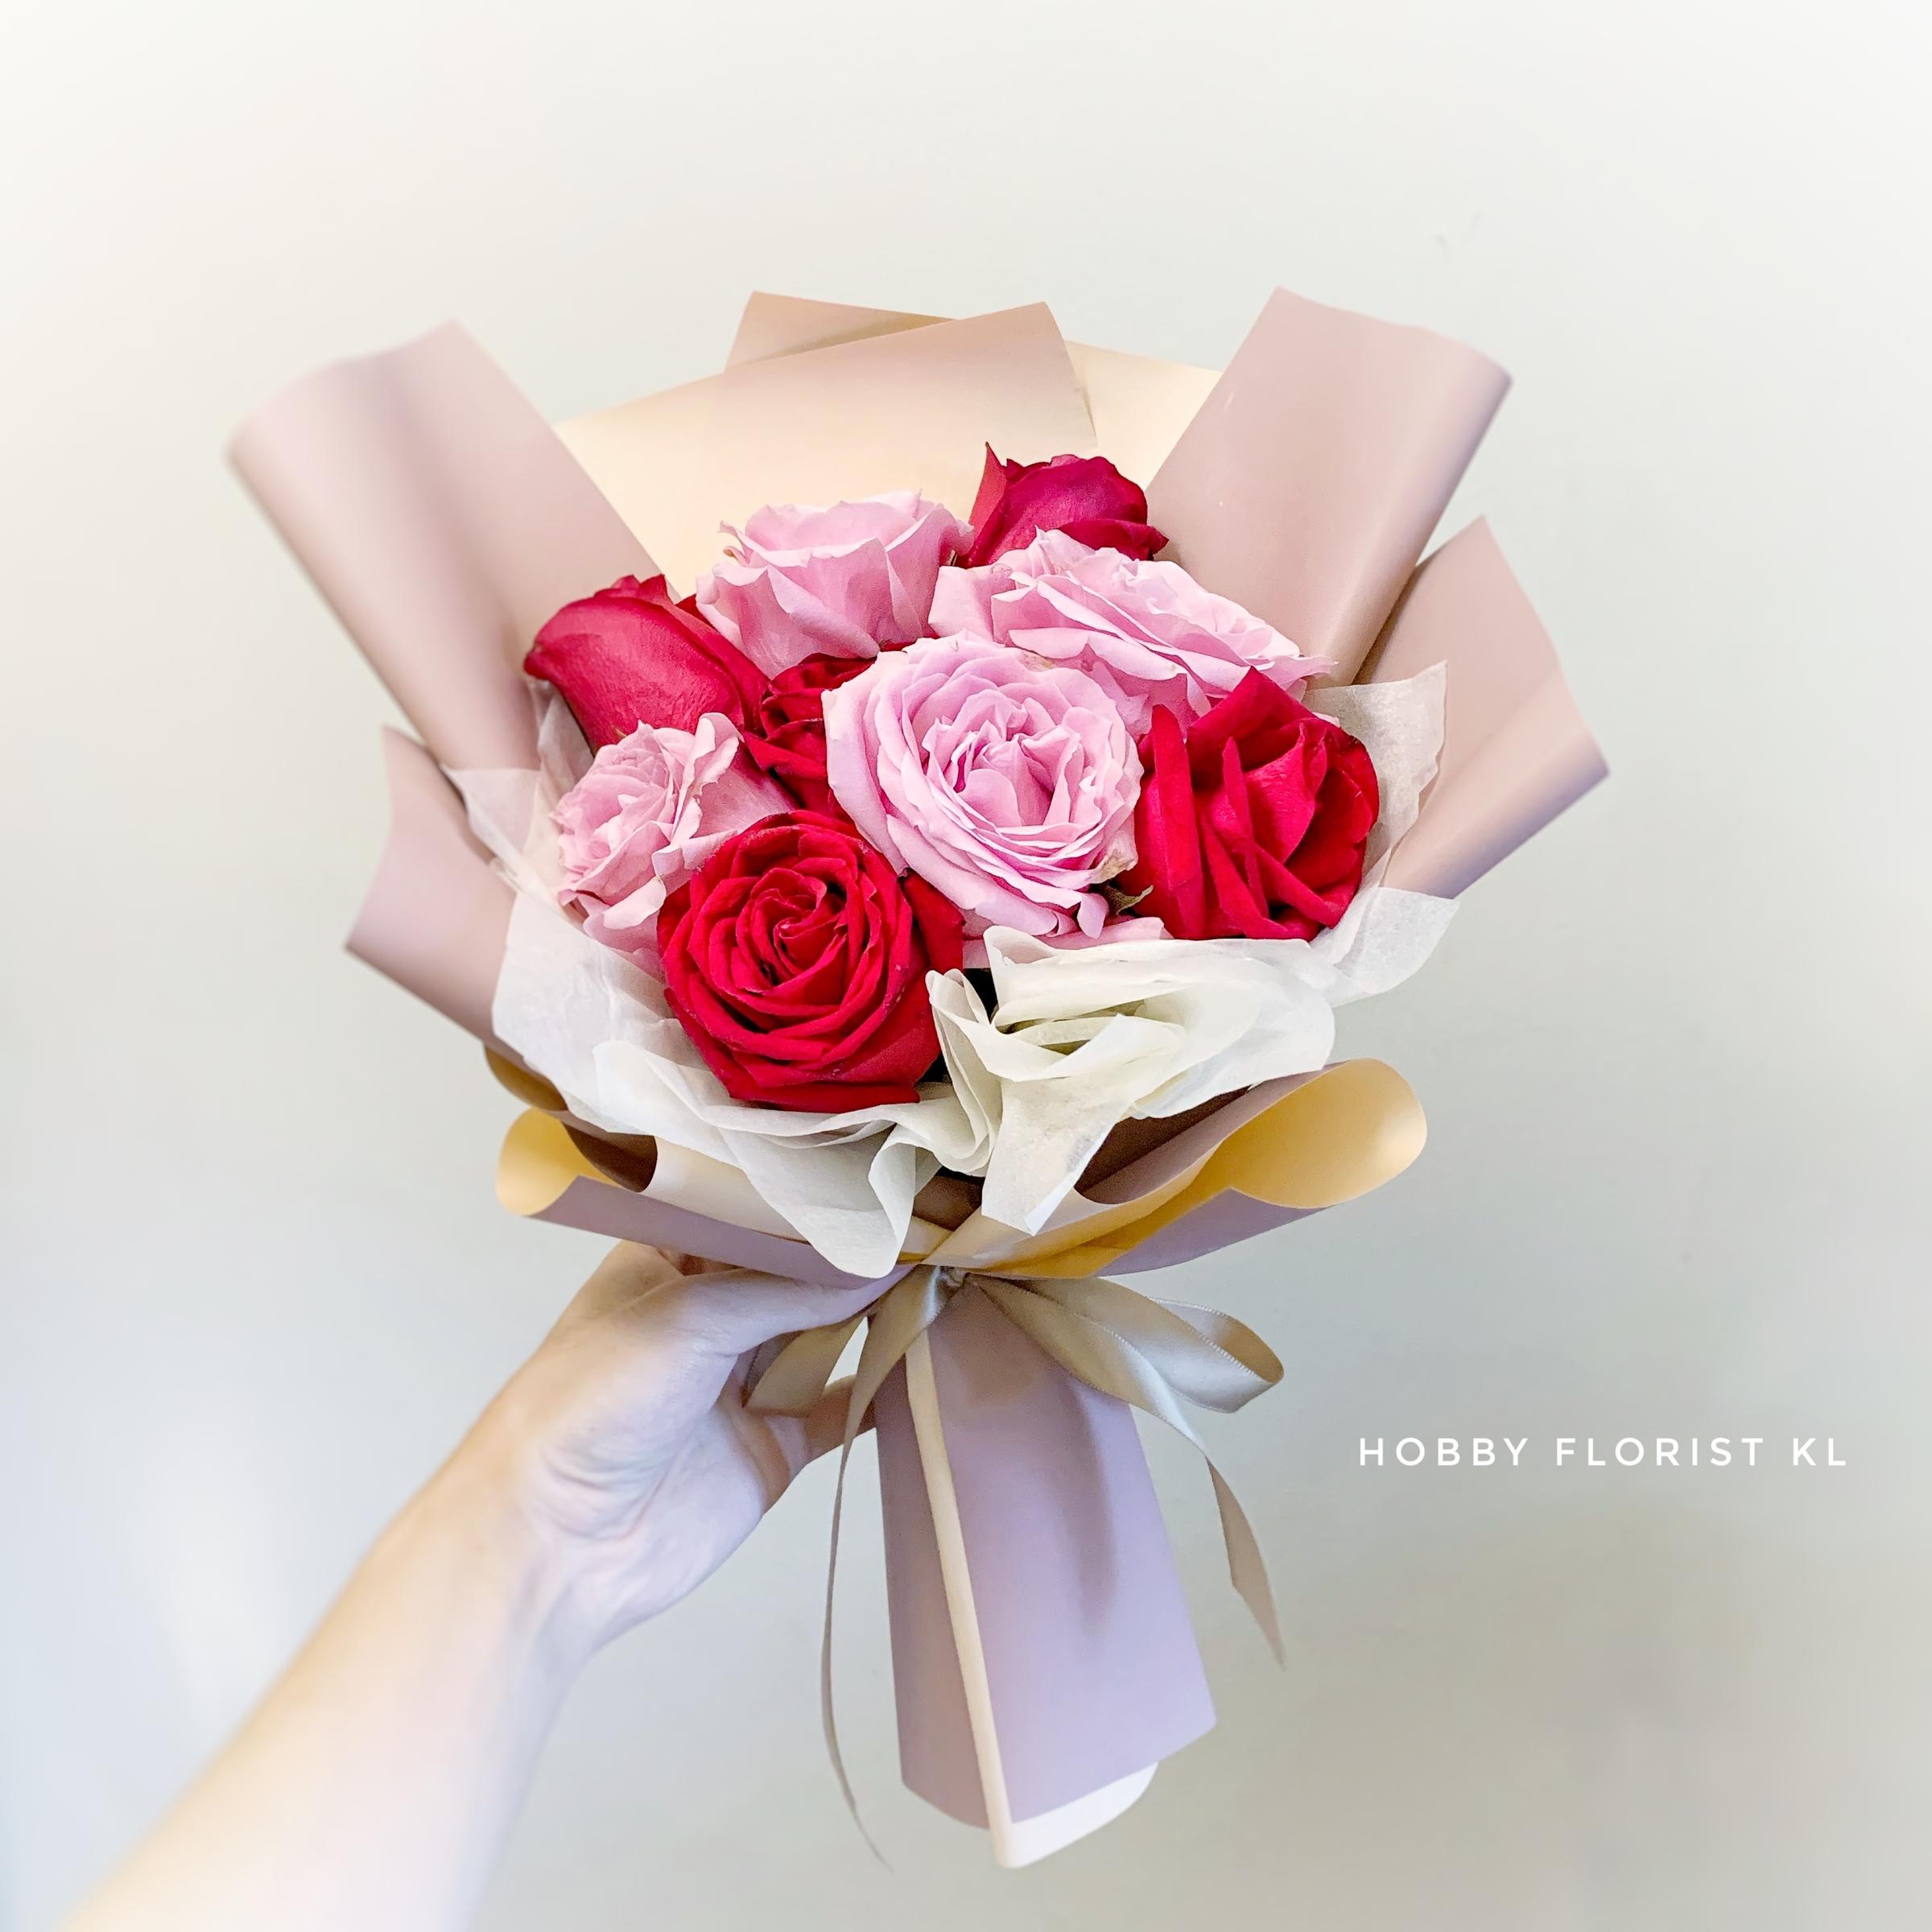 flower delivery kl 4.JPG